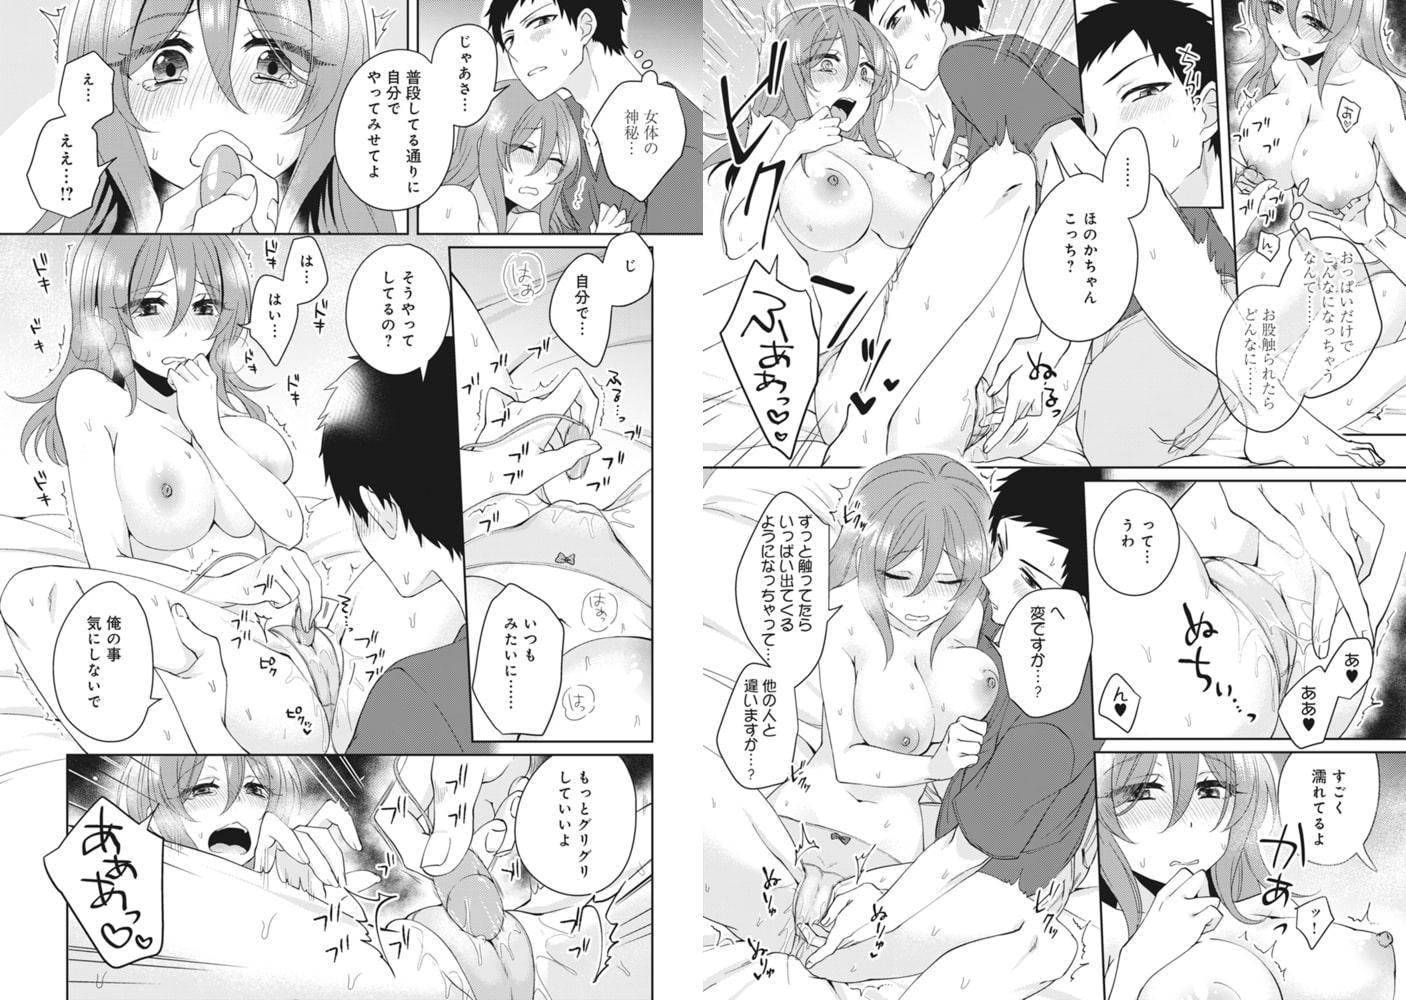 【単行本版】ワケありカノジョの性事情